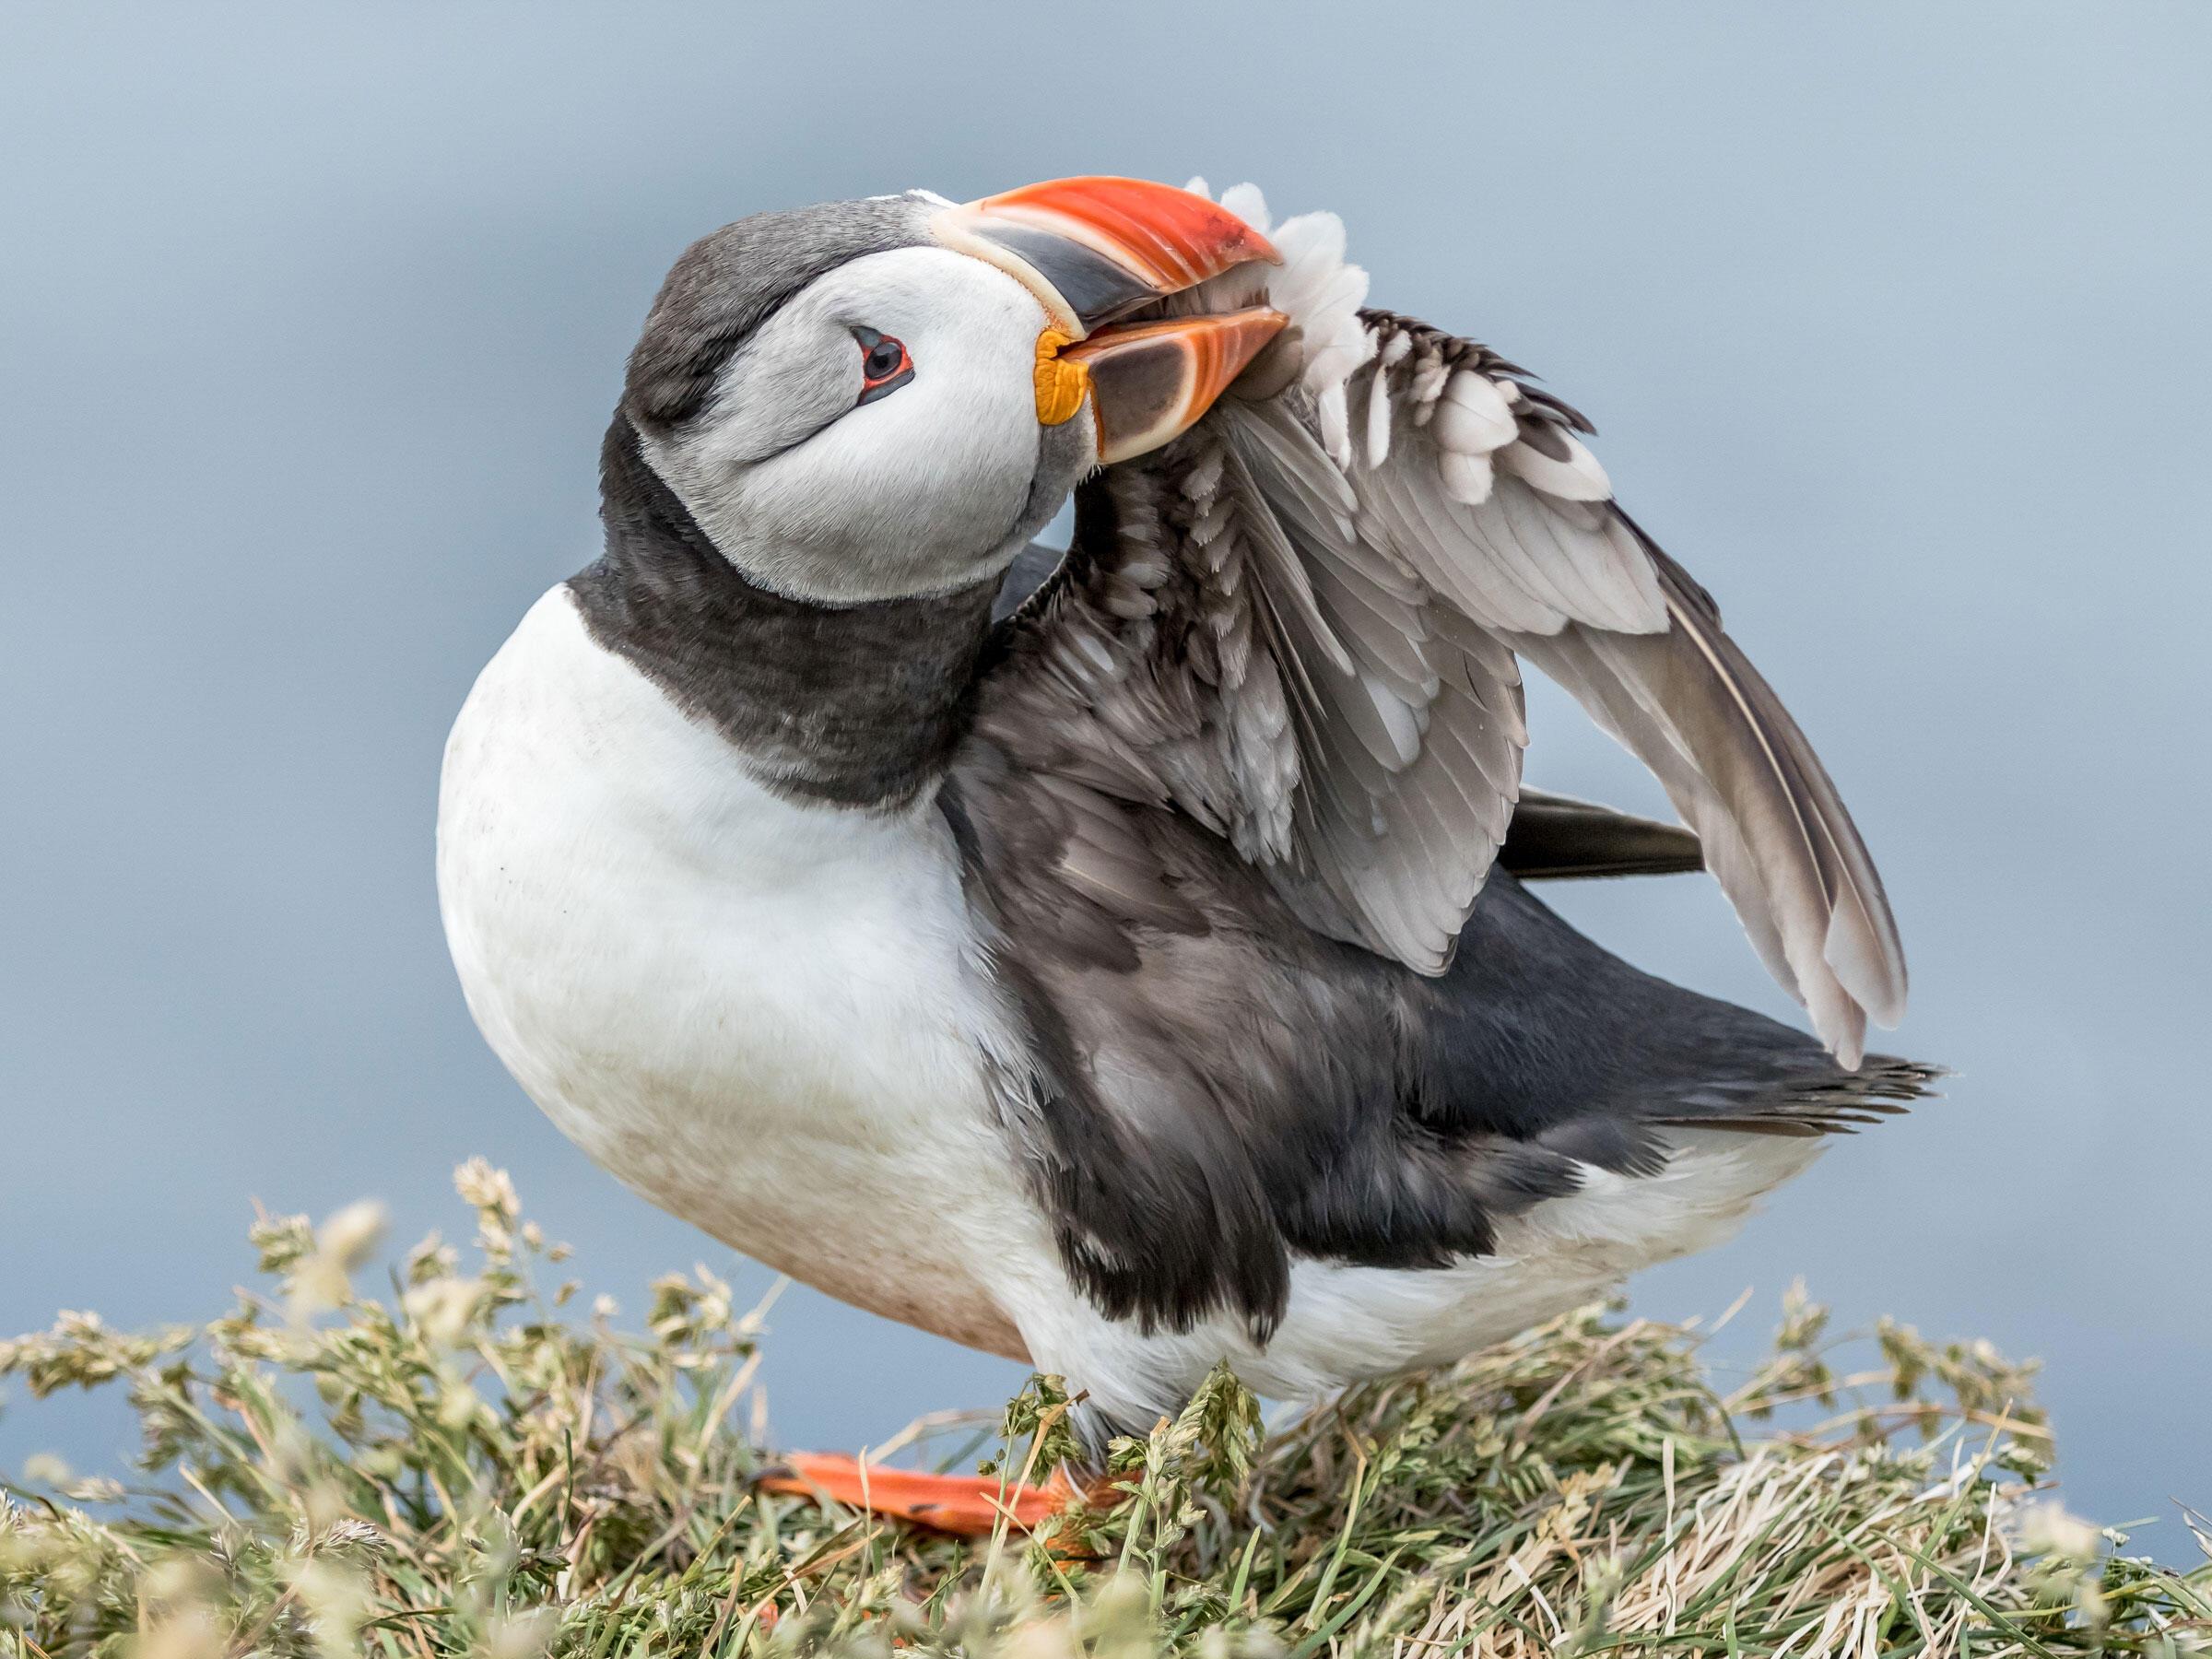 Atlantic Puffin/Amateur Category. Catherine Dobbins Dalessio/Audubon Photography Awards